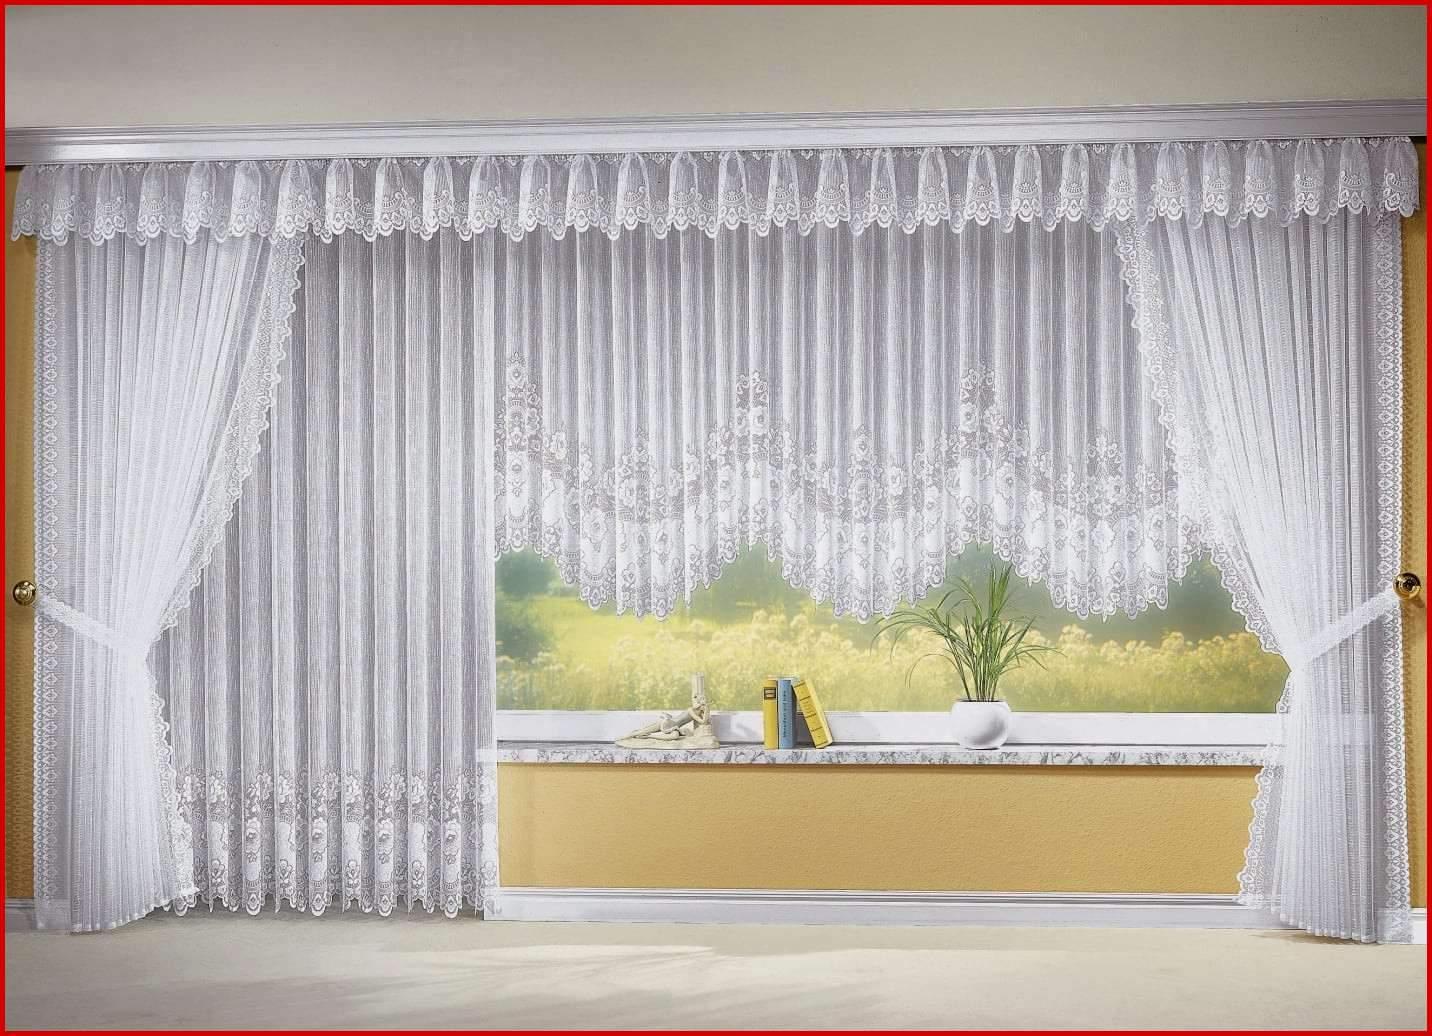 Full Size of Fototapeten Wohnzimmer Moderne Bilder Fürs Gardinen Schlafzimmer Led Deckenleuchte Tisch Liege Vorhänge Deckenlampen Wohnwand Lampe Pendelleuchte Tischlampe Wohnzimmer Gardinen Wohnzimmer